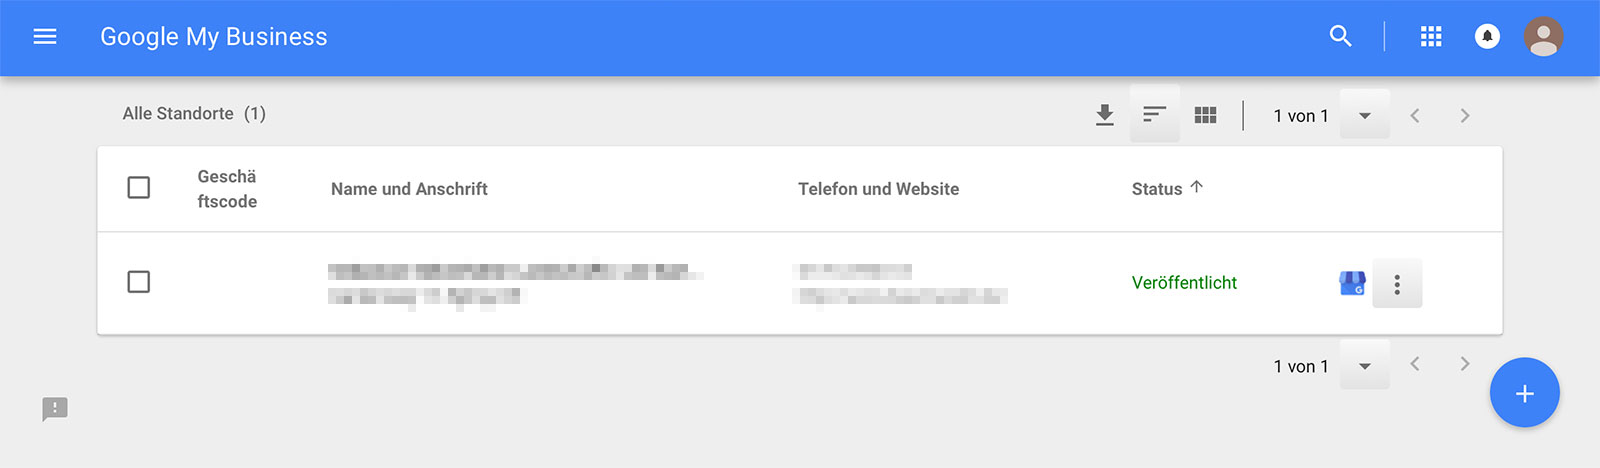 Google Firmeneintrag Übersicht